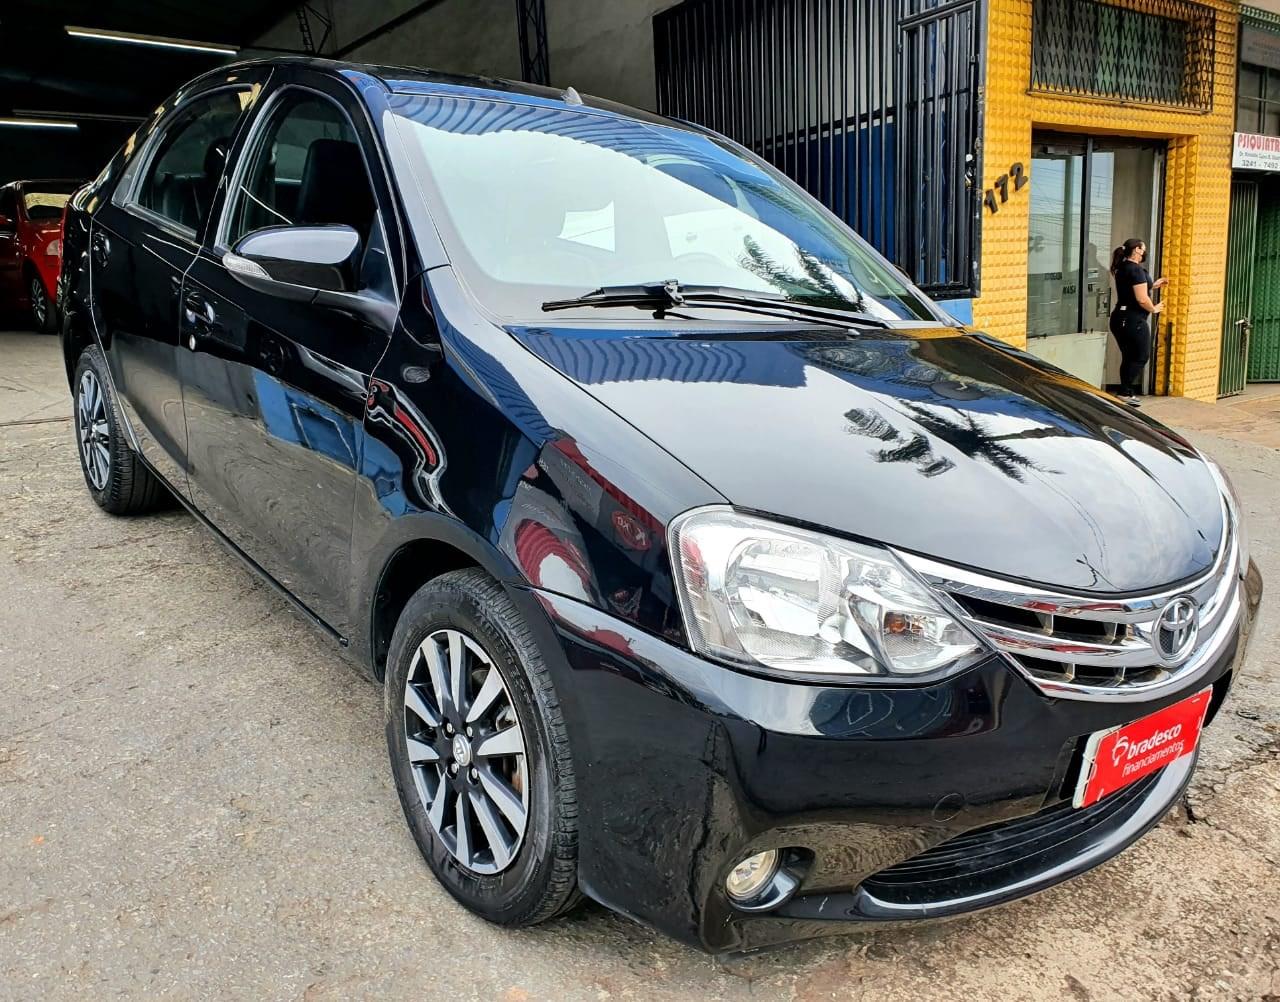 //www.autoline.com.br/carro/toyota/etios-15-sedan-platinum-16v-flex-4p-manual/2015/contagem-mg/15682619